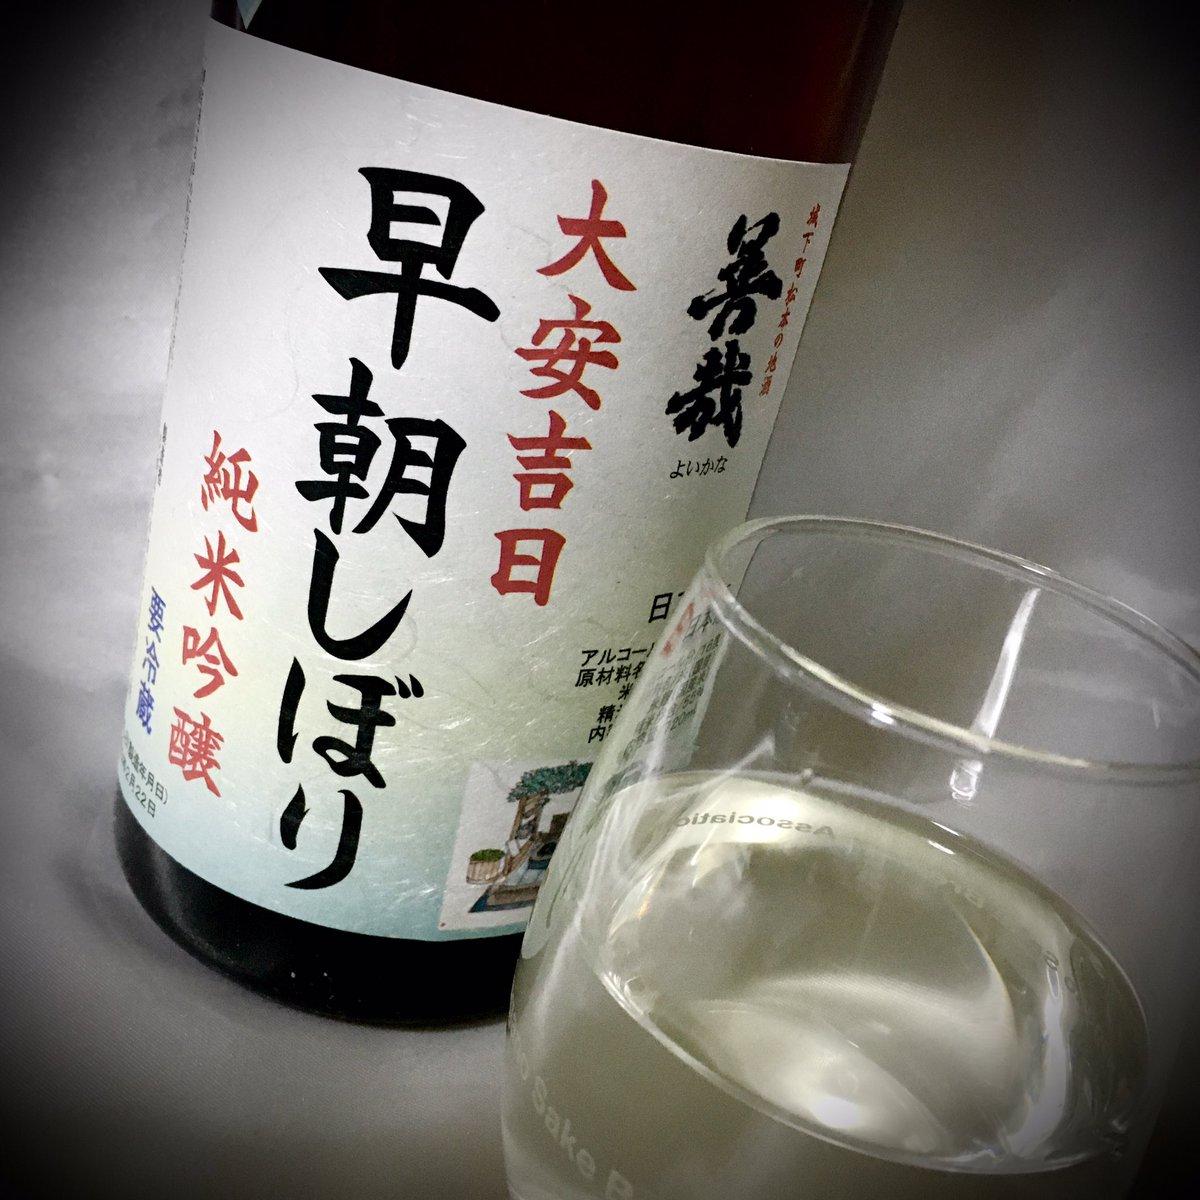 test ツイッターメディア - 松本市 善哉酒造さん 善哉 大安吉日 早朝しぼり 純米吟醸  リンゴ系のとてもジューシーな感じ。 吟醸香に負けていない旨味と酸味が一気に広がる。  いわゆる女子が好き系、 でもガッシリしたお酒だと思います。  これも美味いぞ。 https://t.co/ycIjNi4Vun